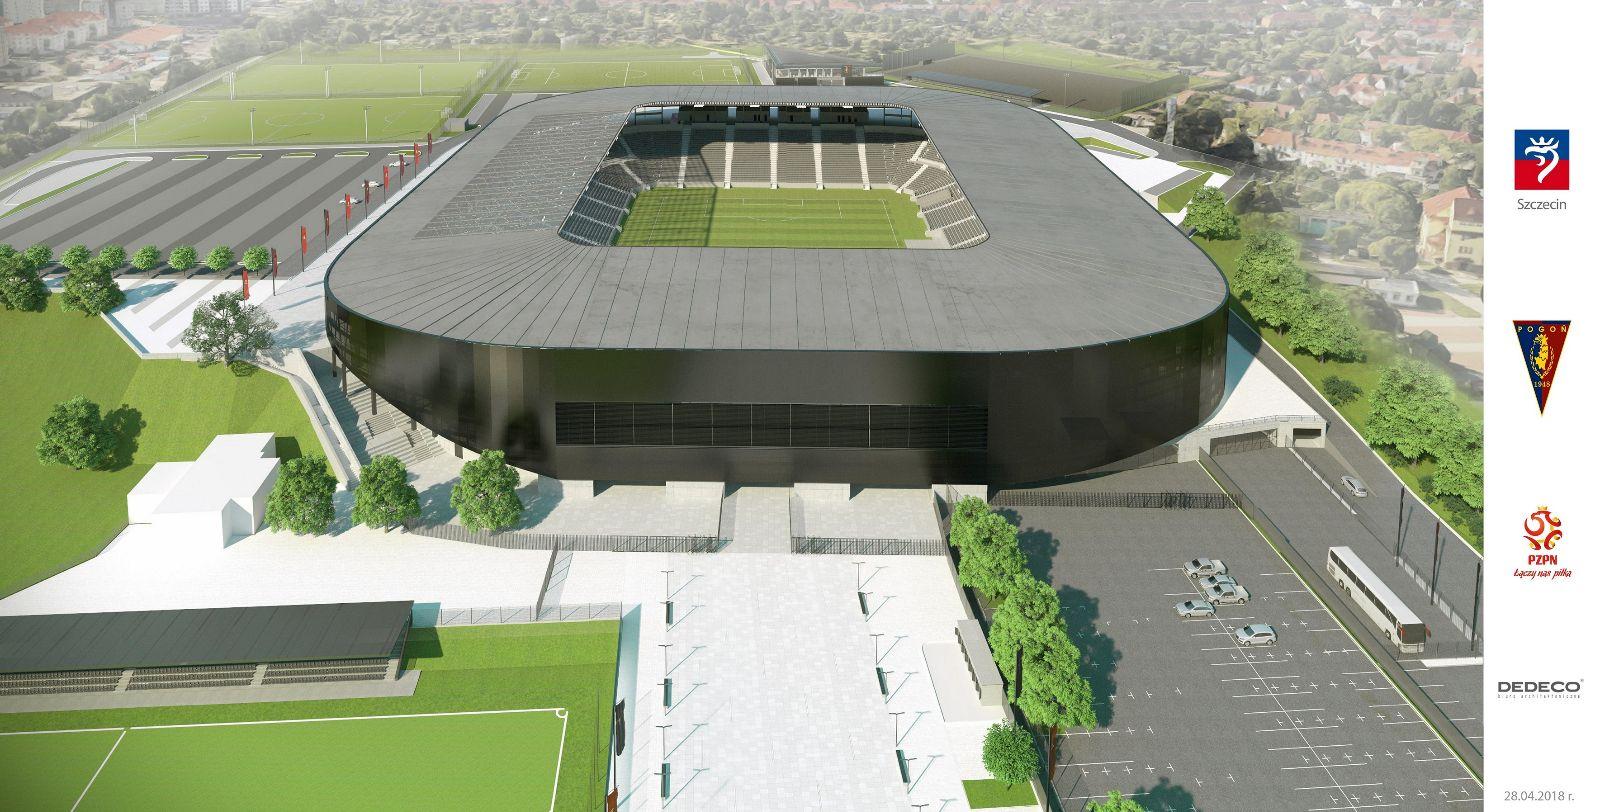 Stadion Miejski Szczecin